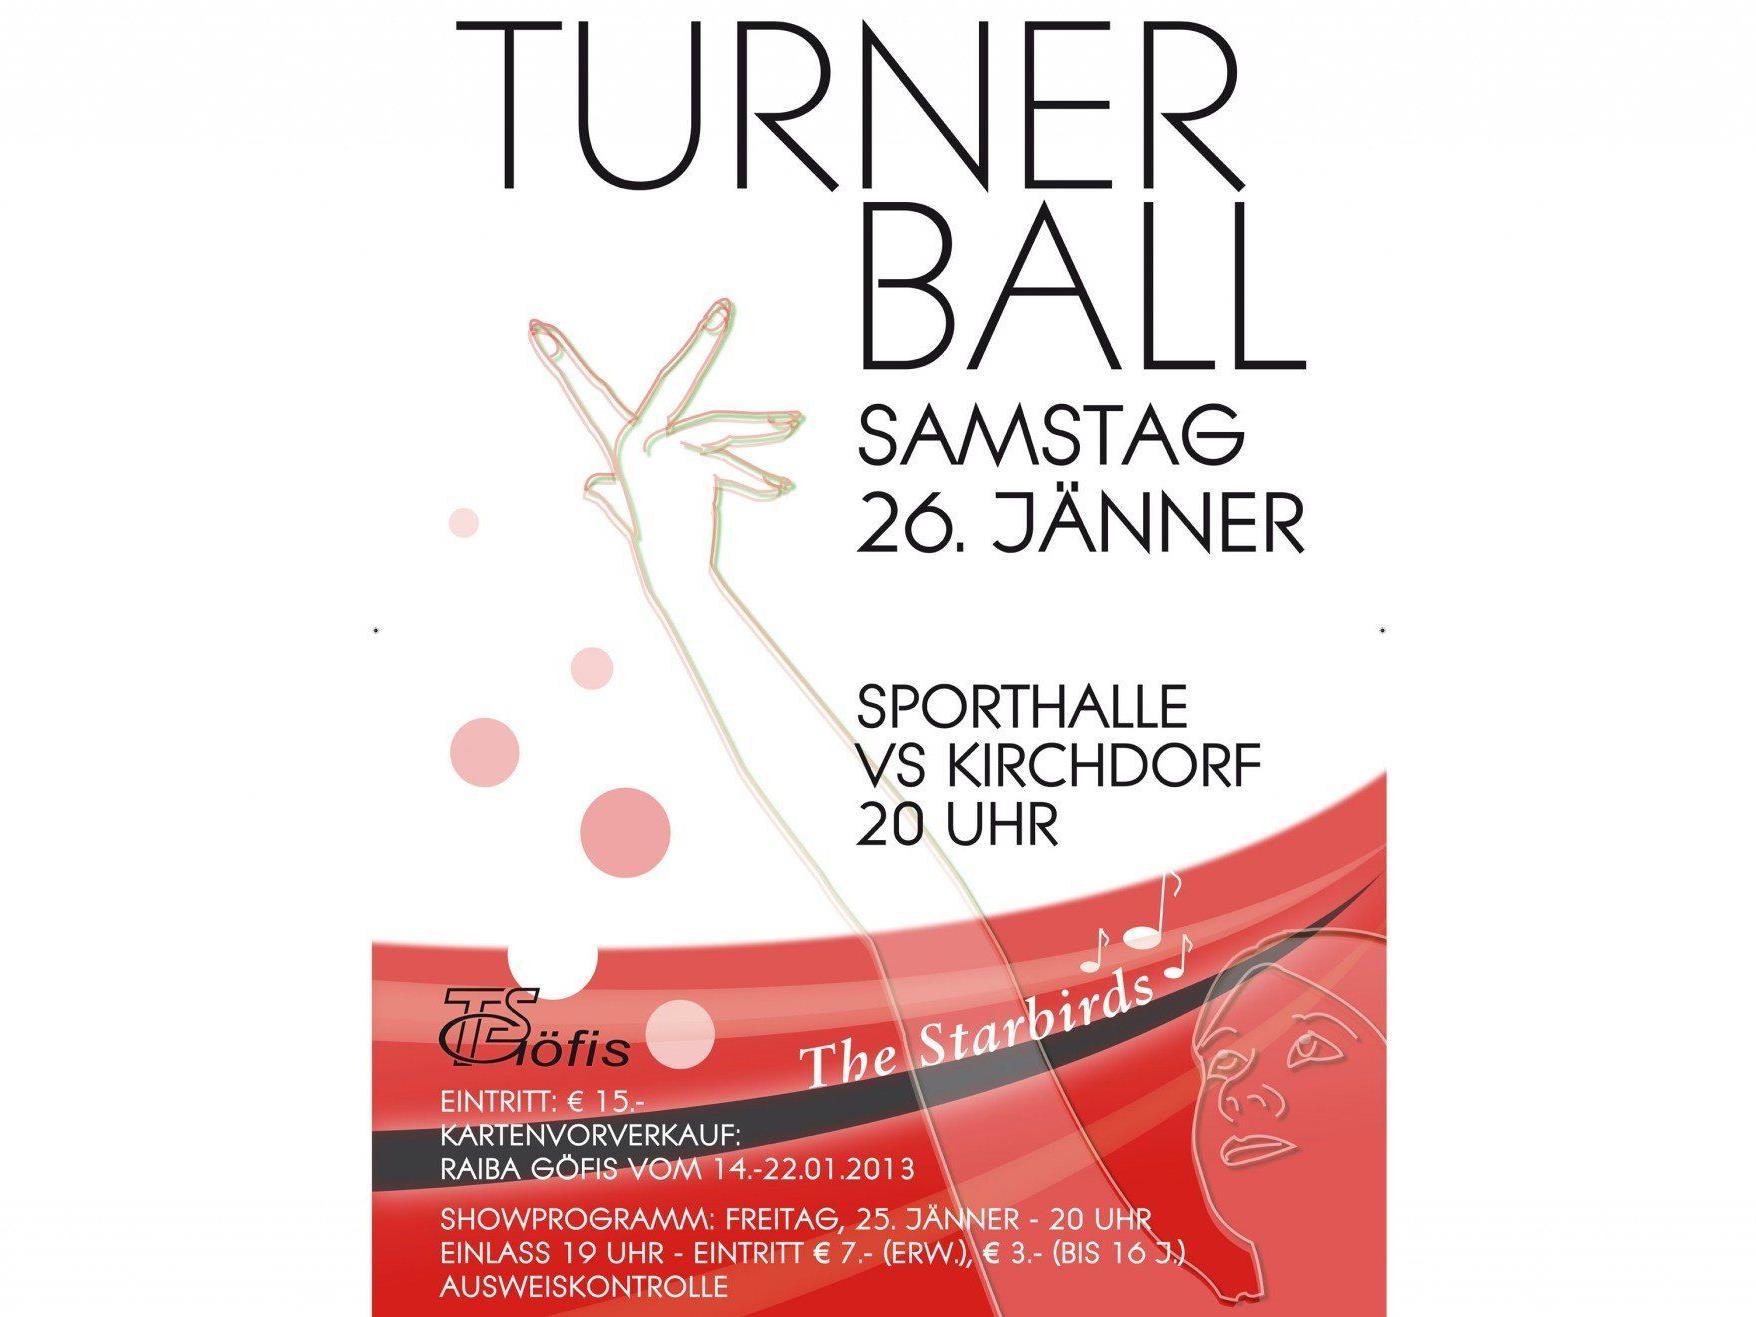 Turnerball-Wochenende - 25. und 26. Jänner 2013